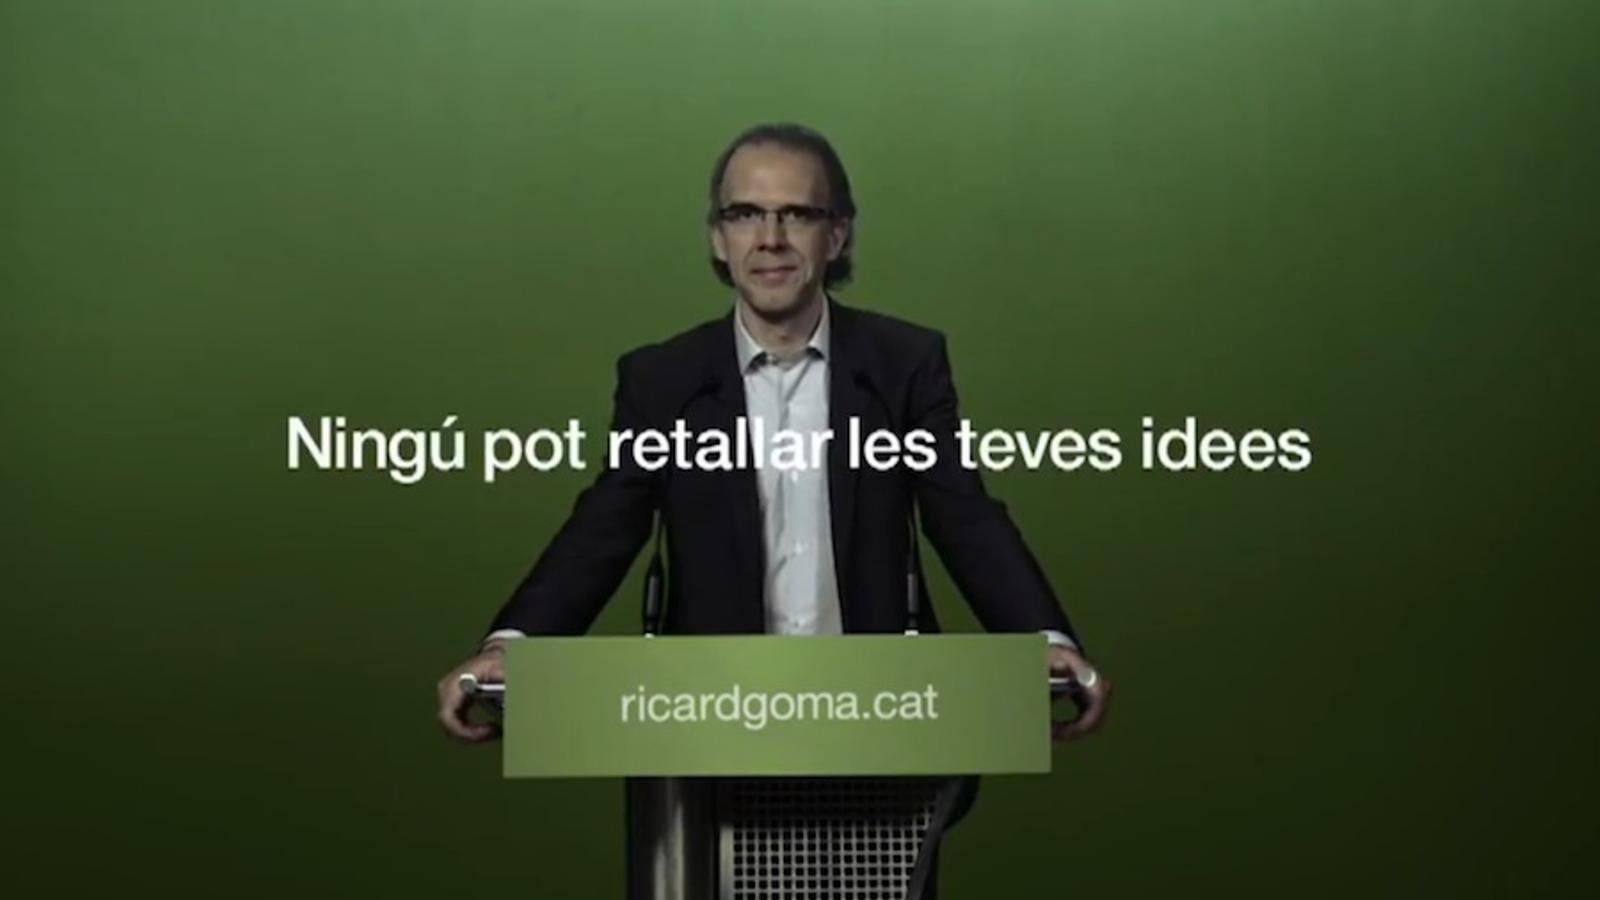 'Ningú pot retallar les teves idees', vídeo electoral d'ICV